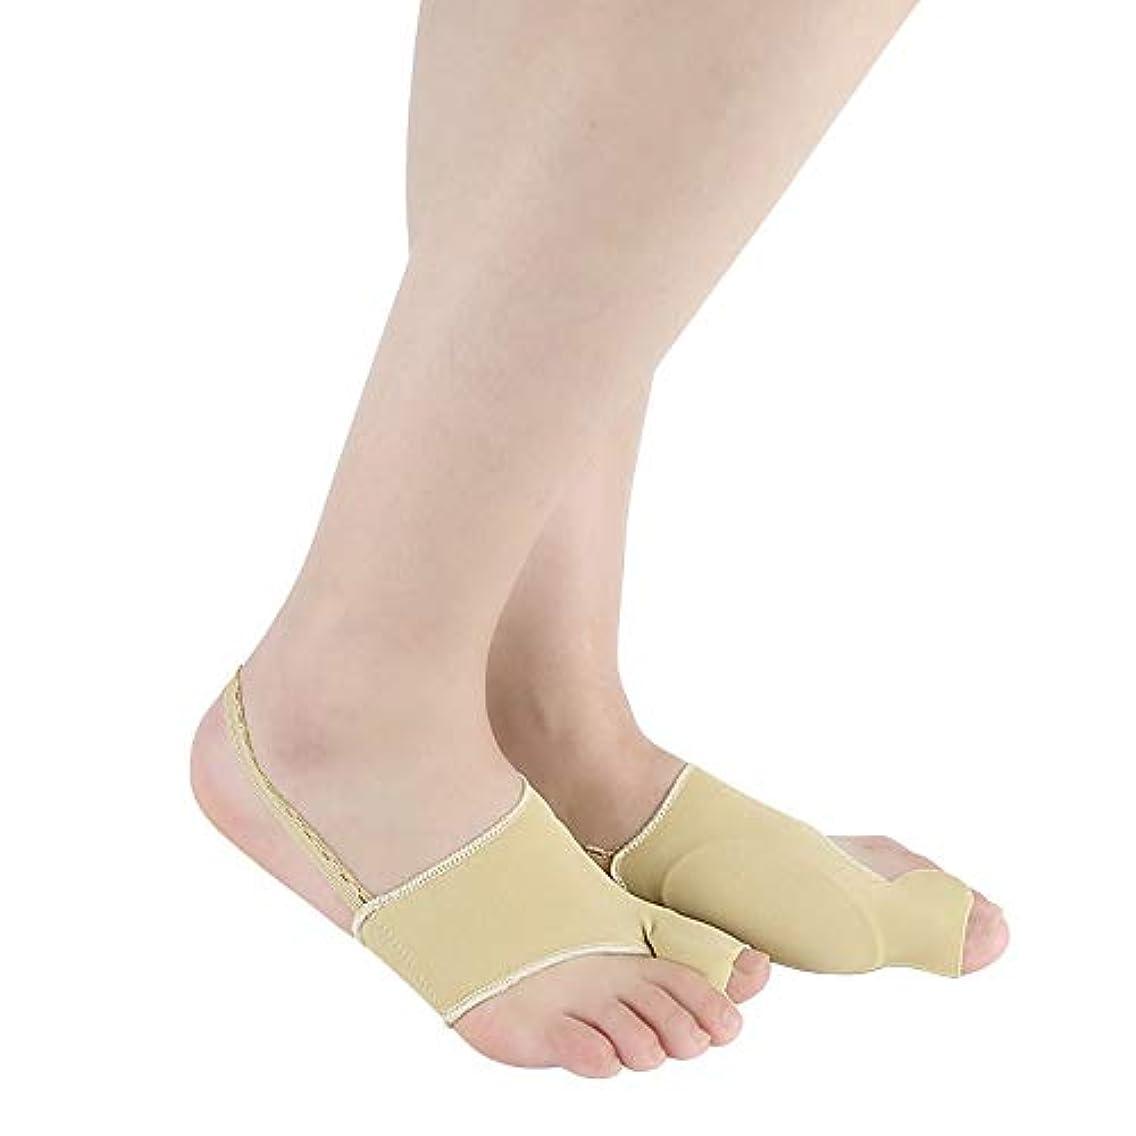 夜の動物園傀儡含意指矯正靴下指の手入れ外陰部で指が重ならないようにしてください。高い弾力性パディングを厚くします。 SEBSライクラ生地を浸して汗をかきます。,5pairs,L